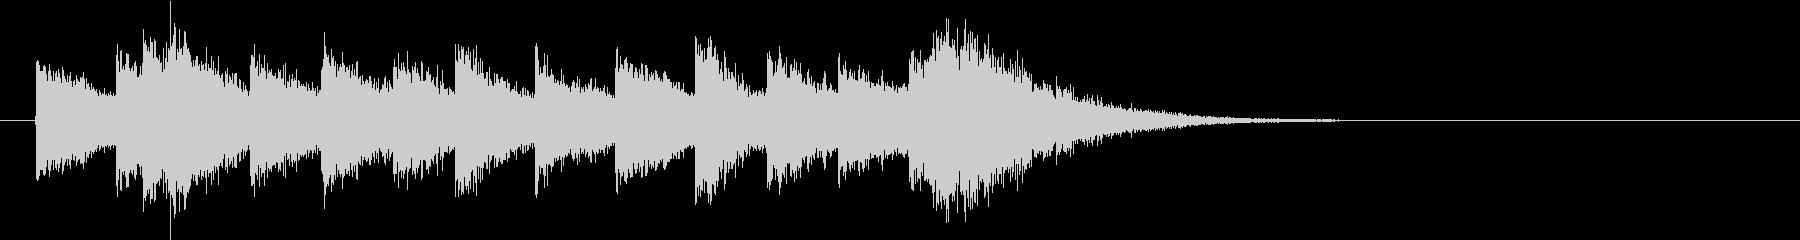 電車の発車・到着ジングル-06(5秒)の未再生の波形